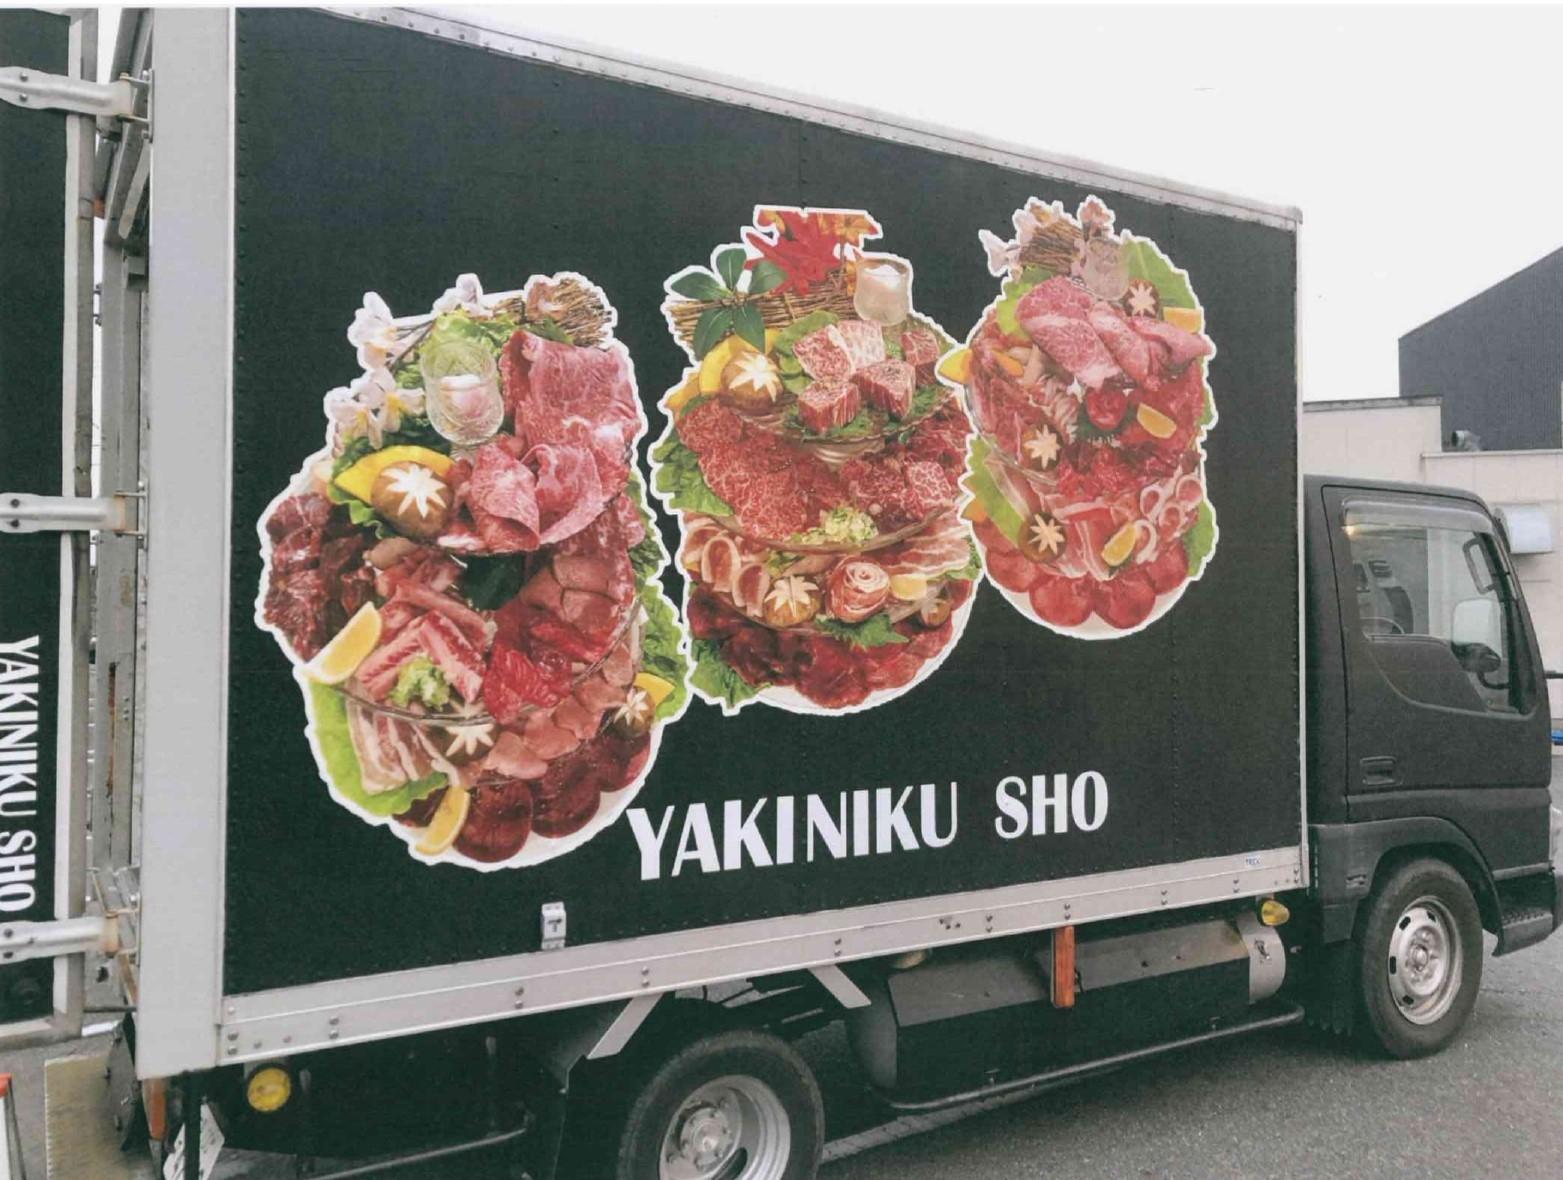 SHOのキッチンカー,イベント,出店,手配,焼肉,牛串,愛知,キッチンカー,移動販売車,フードトラック